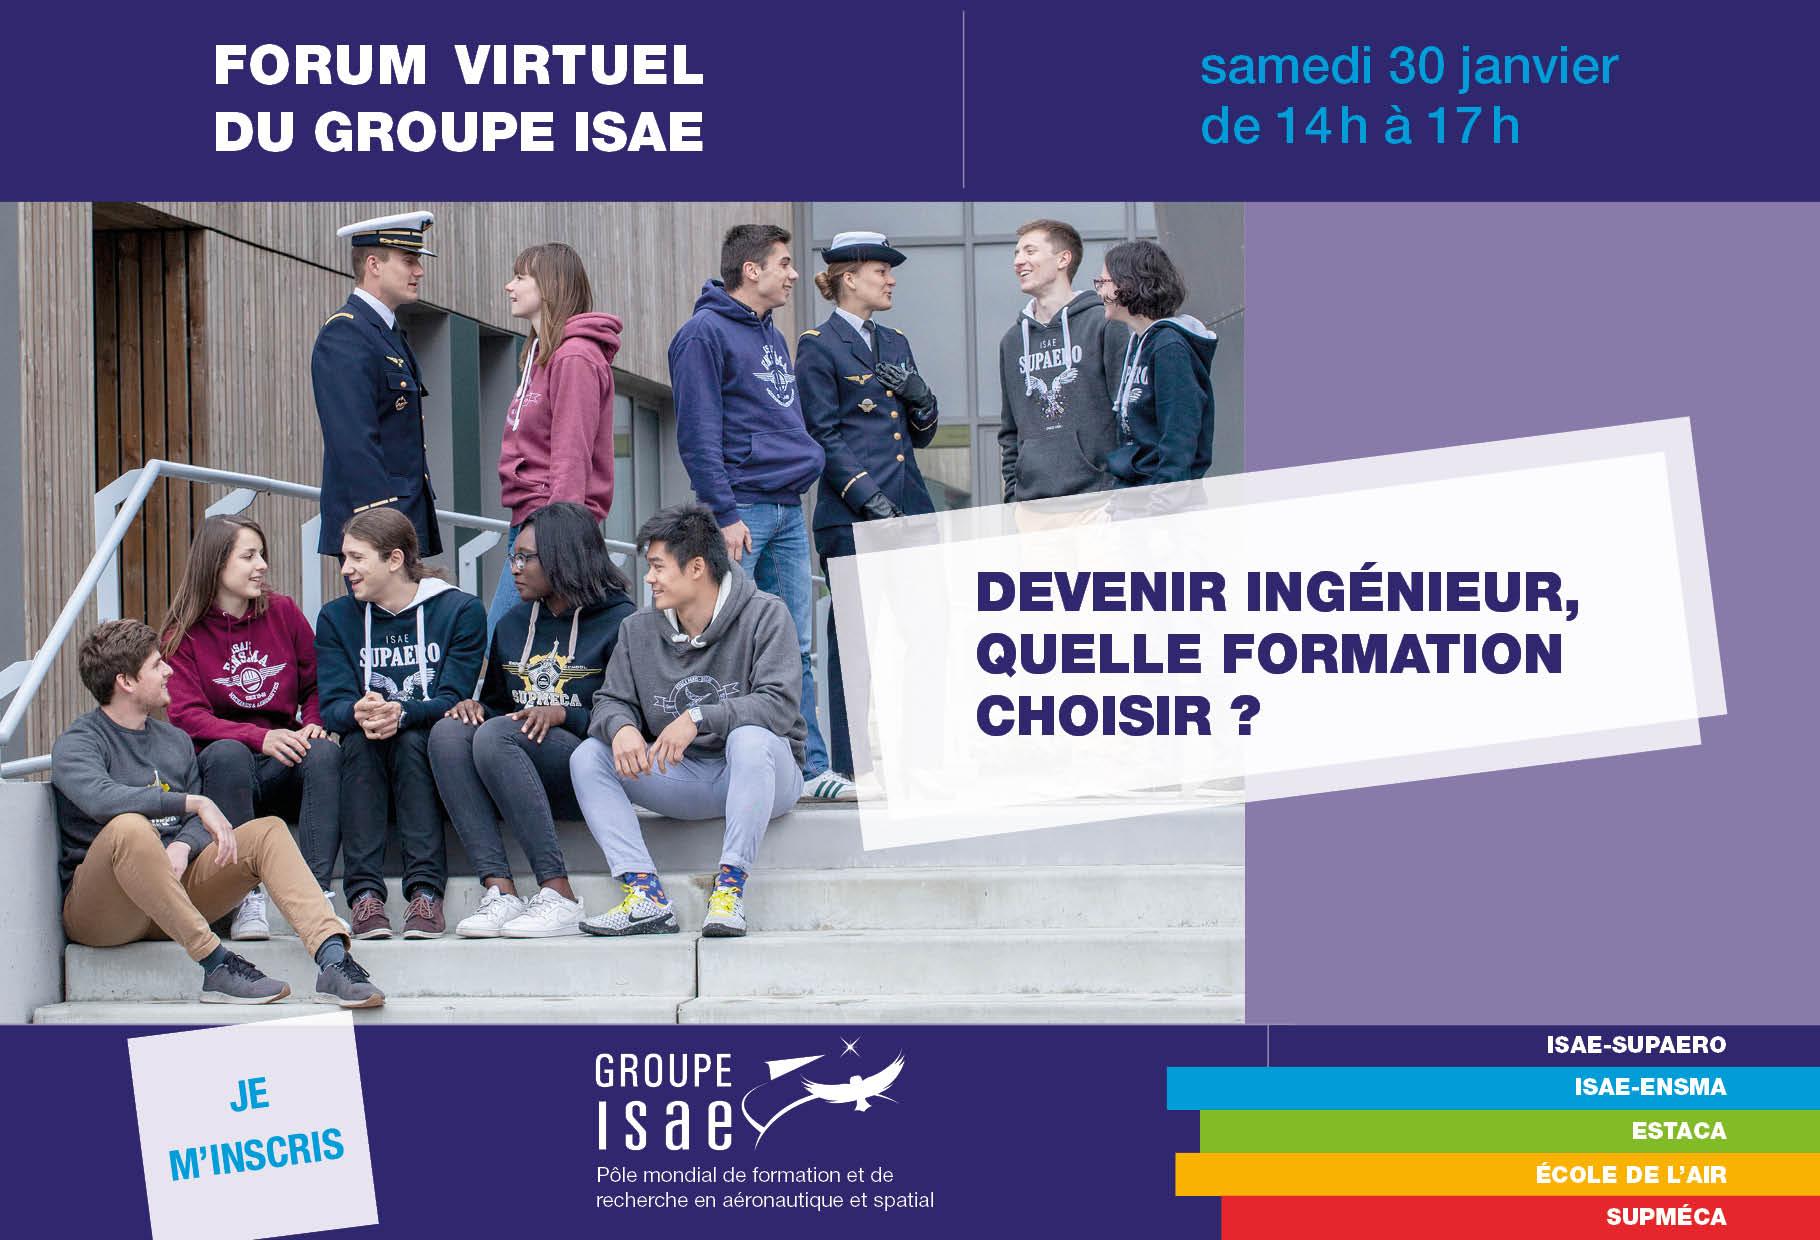 Visuel du Forum virtuel du Groupe ISAE : des étudiants identifiables comme appartenant aux écoles du groupe sont installé dans les marches d'un escalier et discutent ensemble